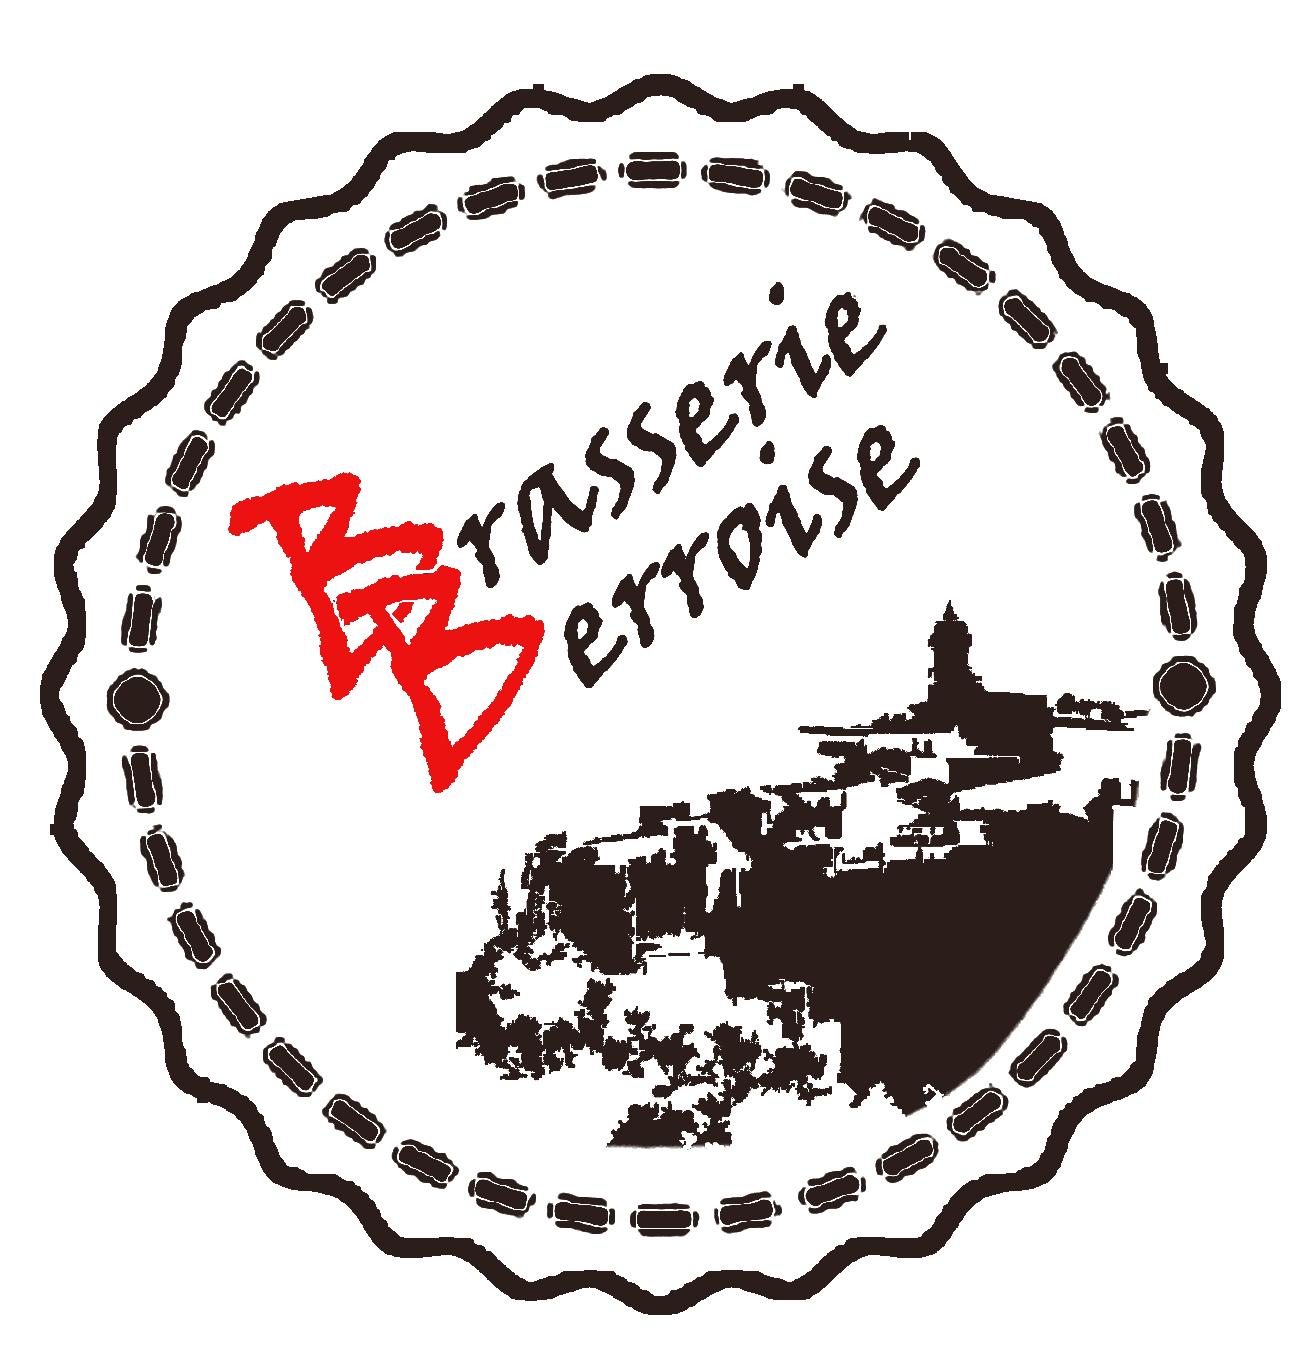 logo-brasserie-berroise-cb6e8228